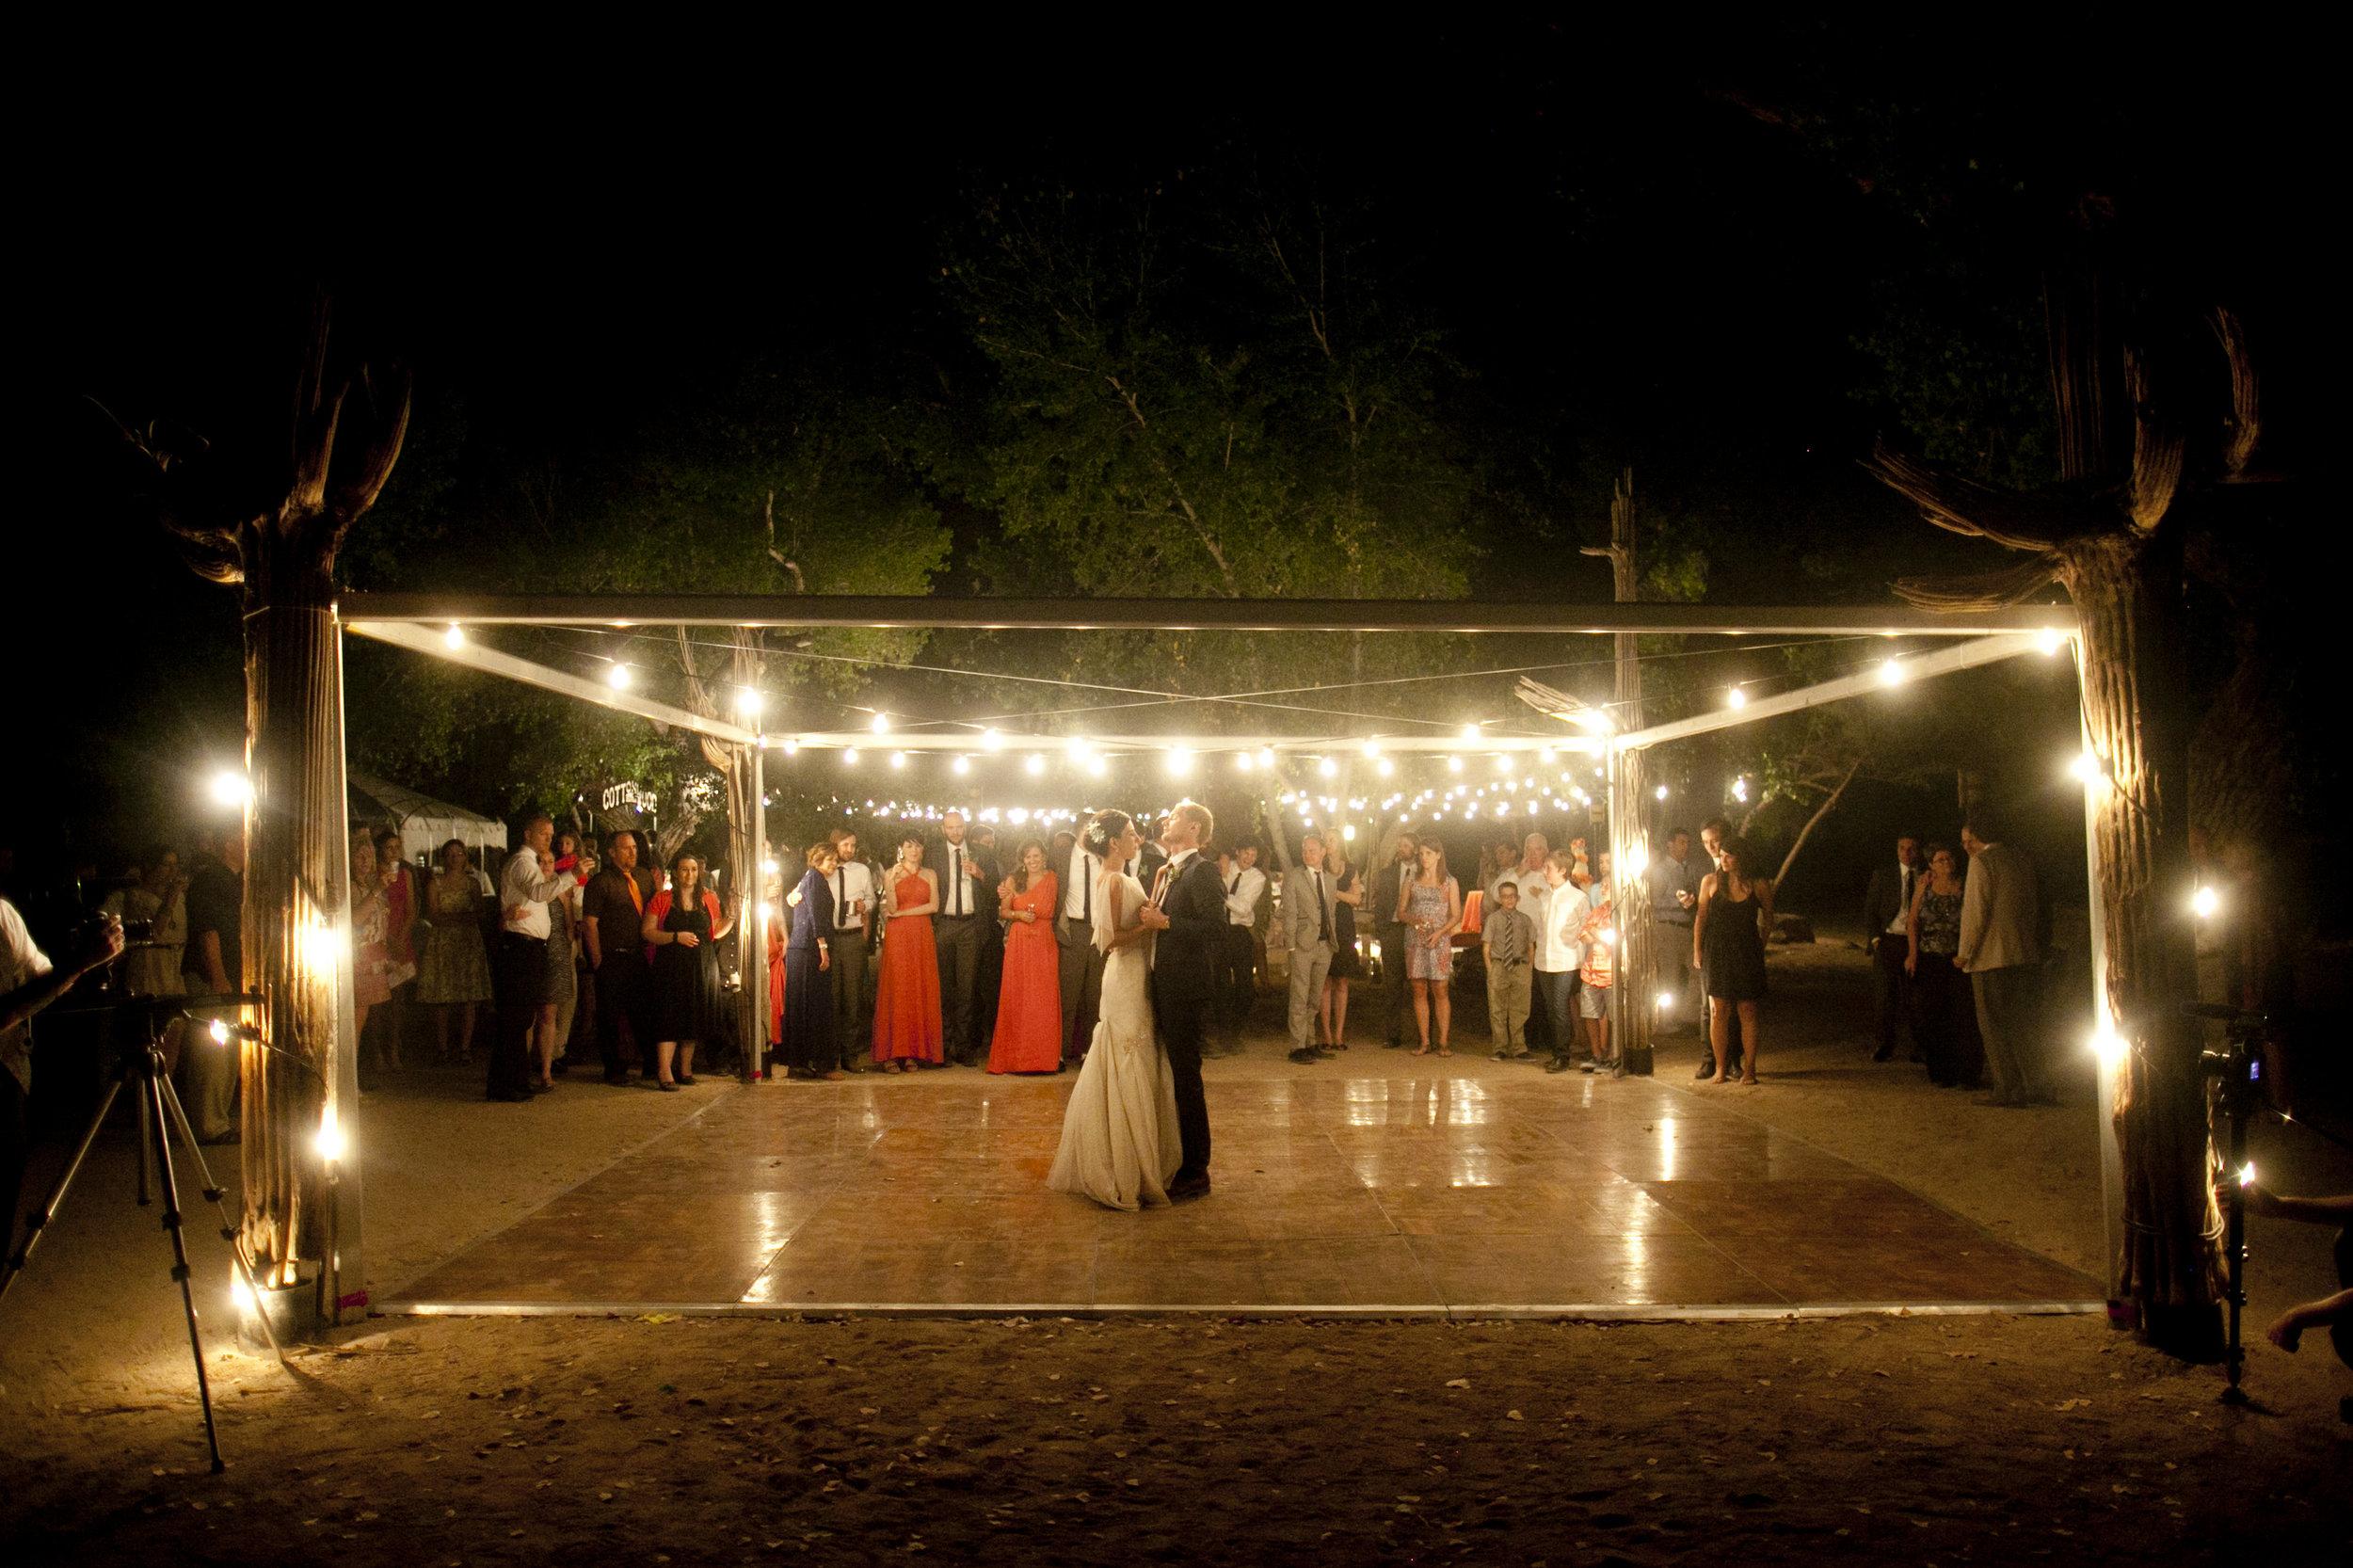 Ceci_New_York_Ceci_Style_Ceci_Johnson_Luxury_Lifestyle_Arizona_Wedding_Watercolor_Inspiration_Design_Custom_Couture_Personalized_Invitations_204.jpg